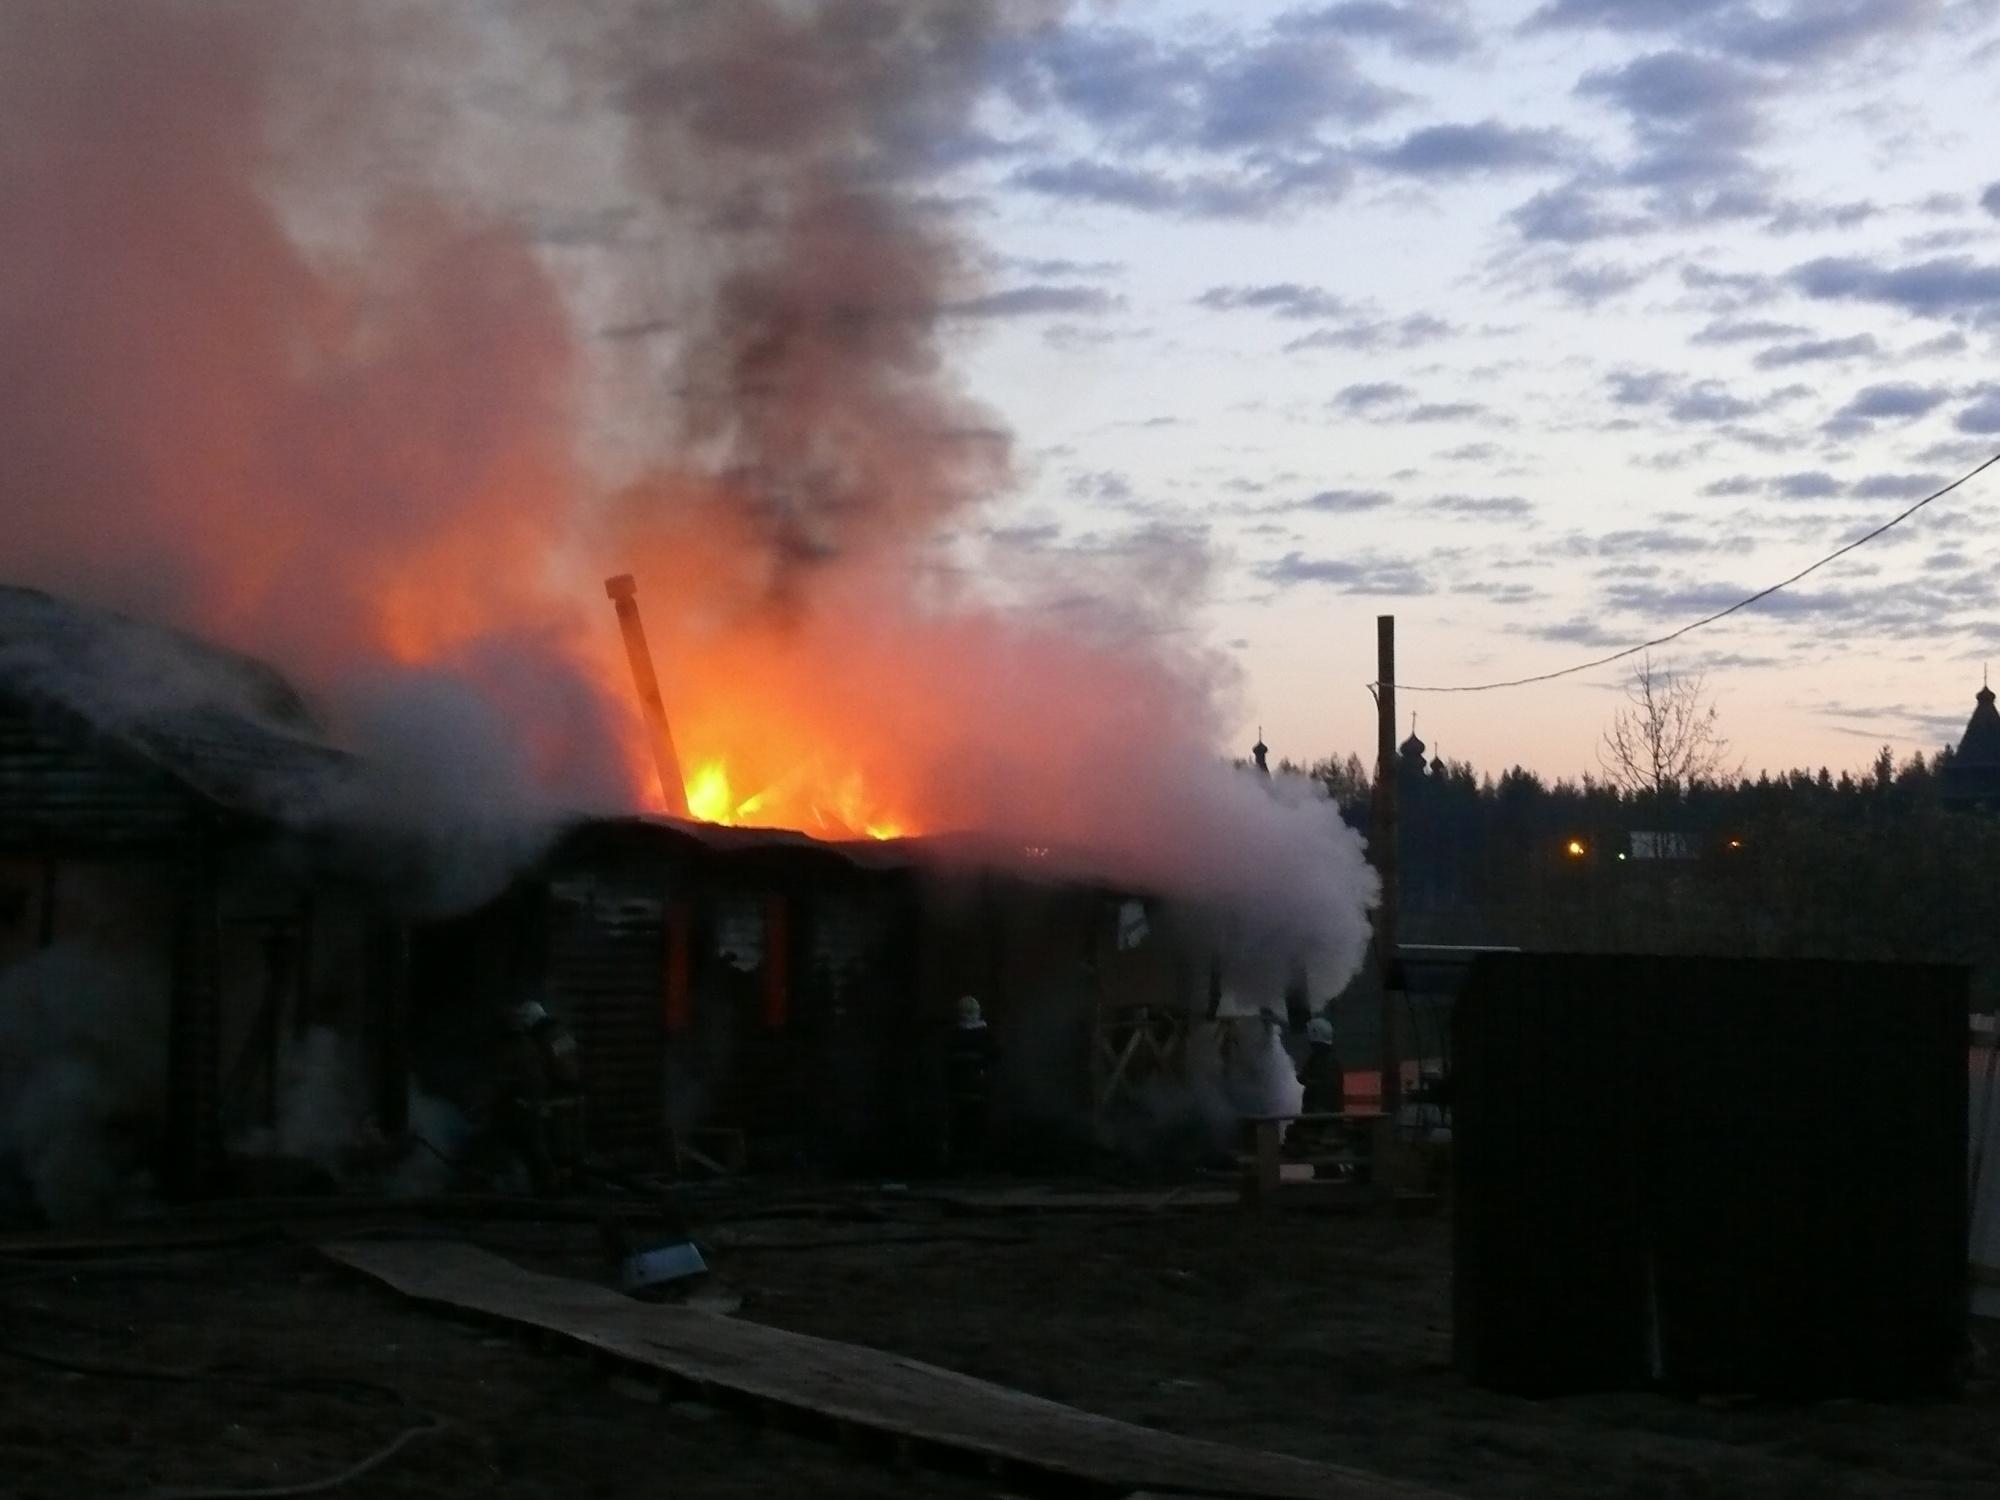 Пожарно-спасательные подразделения ликвидировали пожар в г. Котлас Архангельской области.